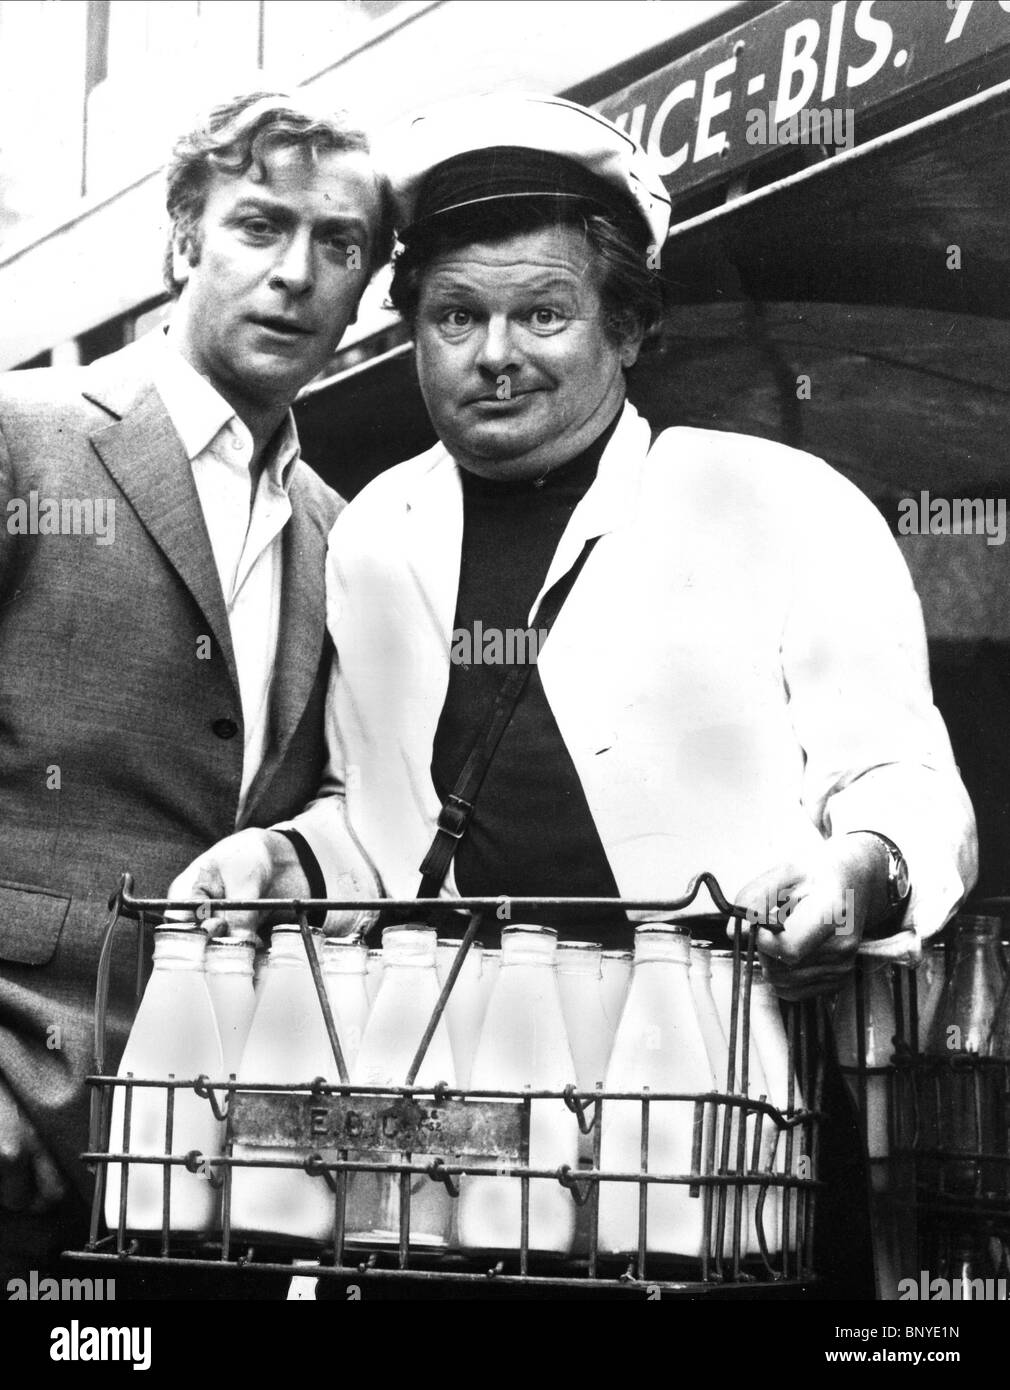 The italian job (1969) rotten tomatoes.